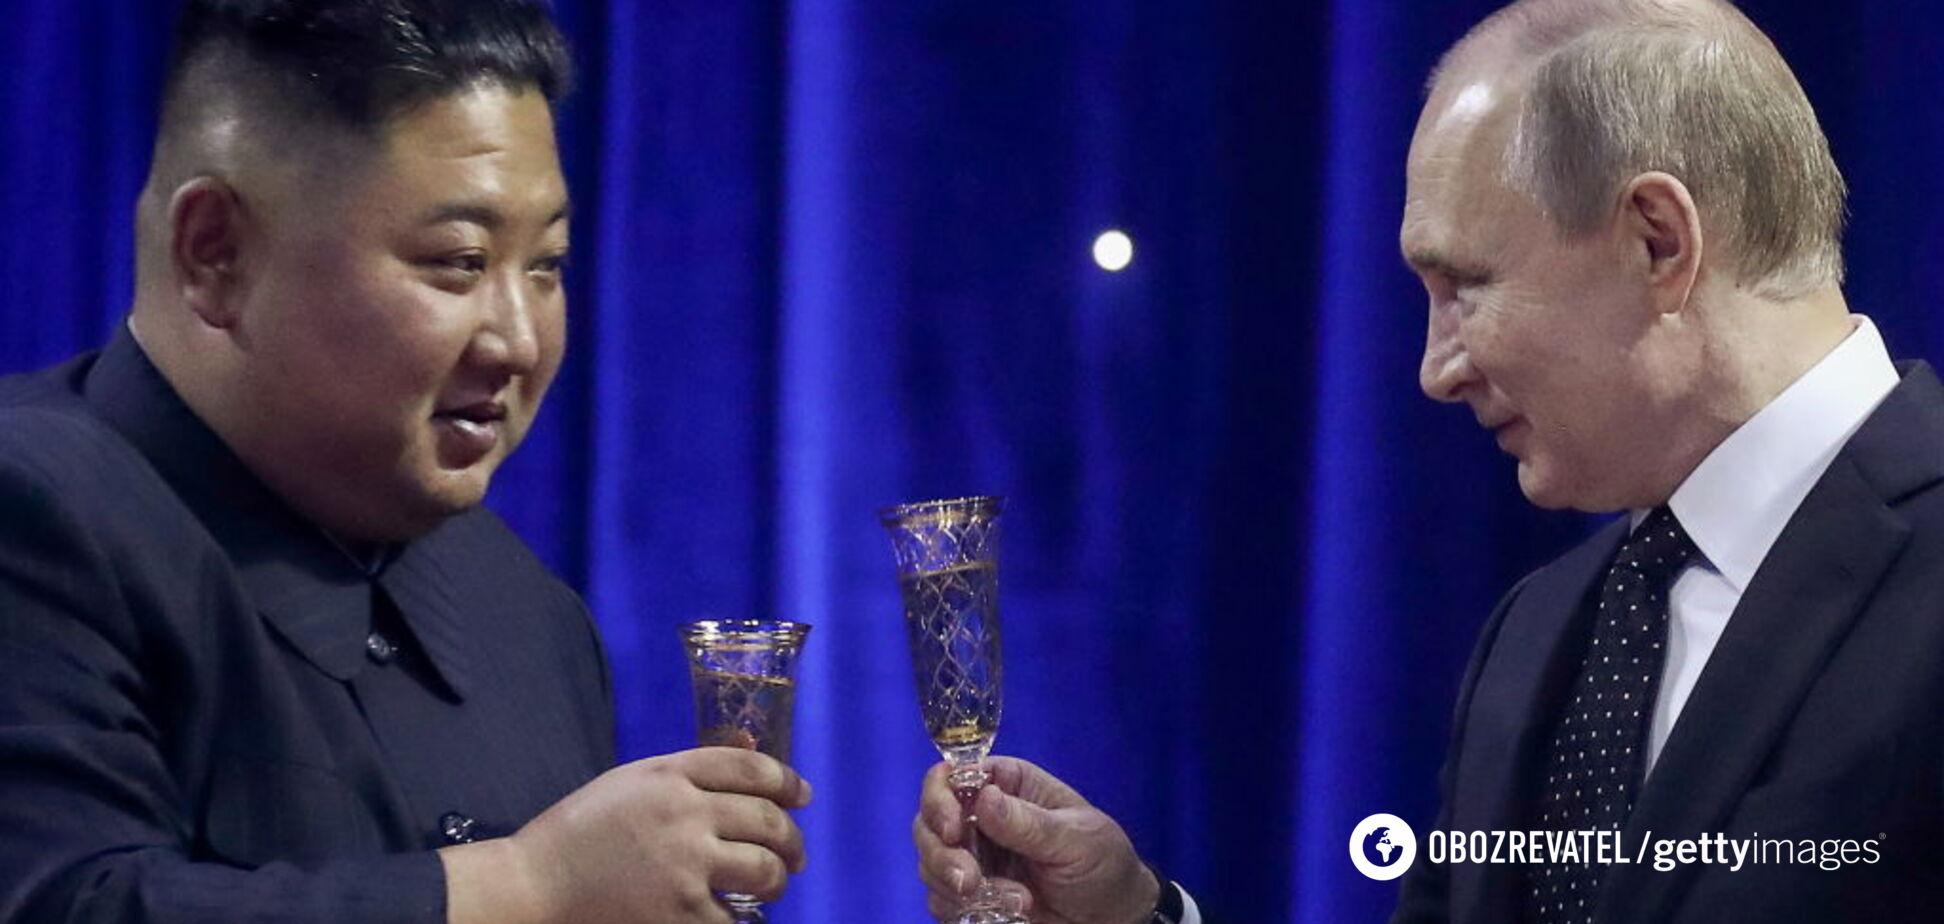 'Натякнув на харакірі': Кім Чен Ин зробив Путіну дивний подарунок